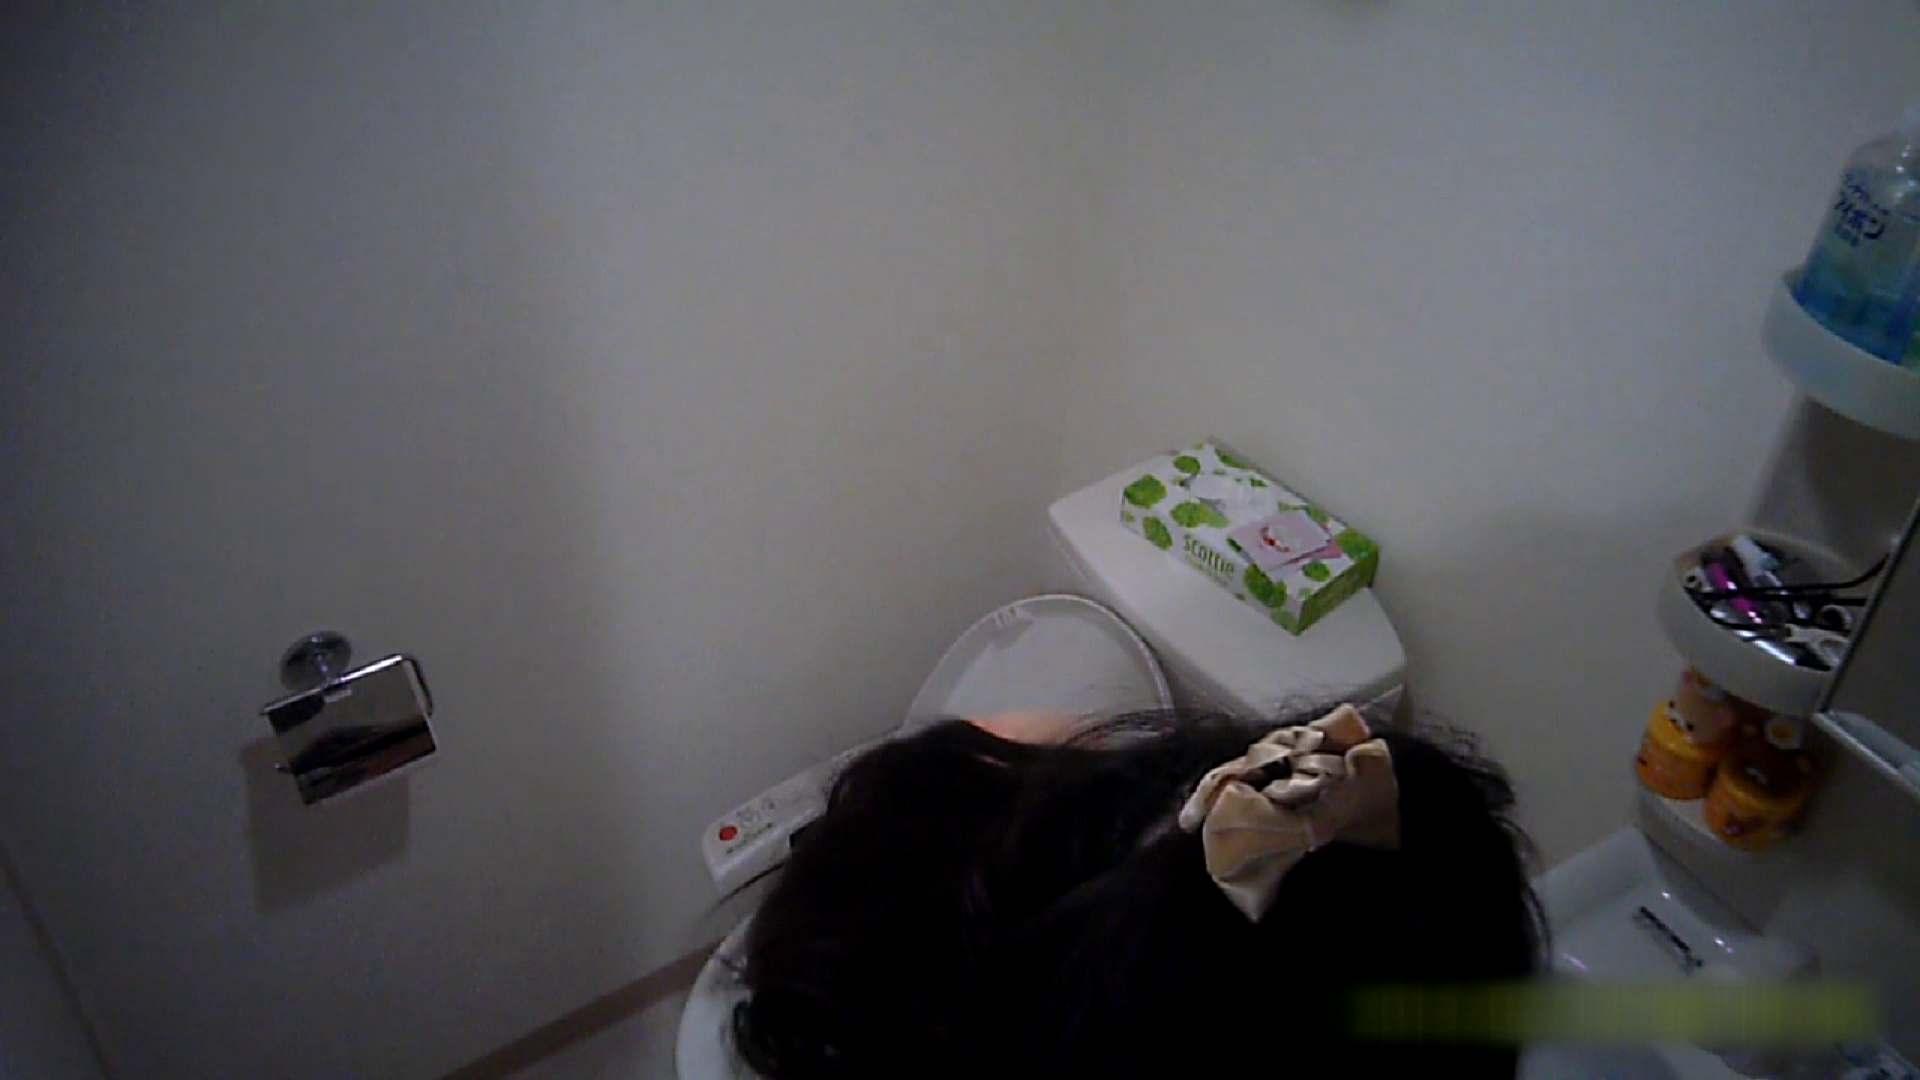 清楚な顔してかなり敏感なE子25歳(仮名)Vol.05 裸でトイレ編 トイレ中 | OL  68連発 30